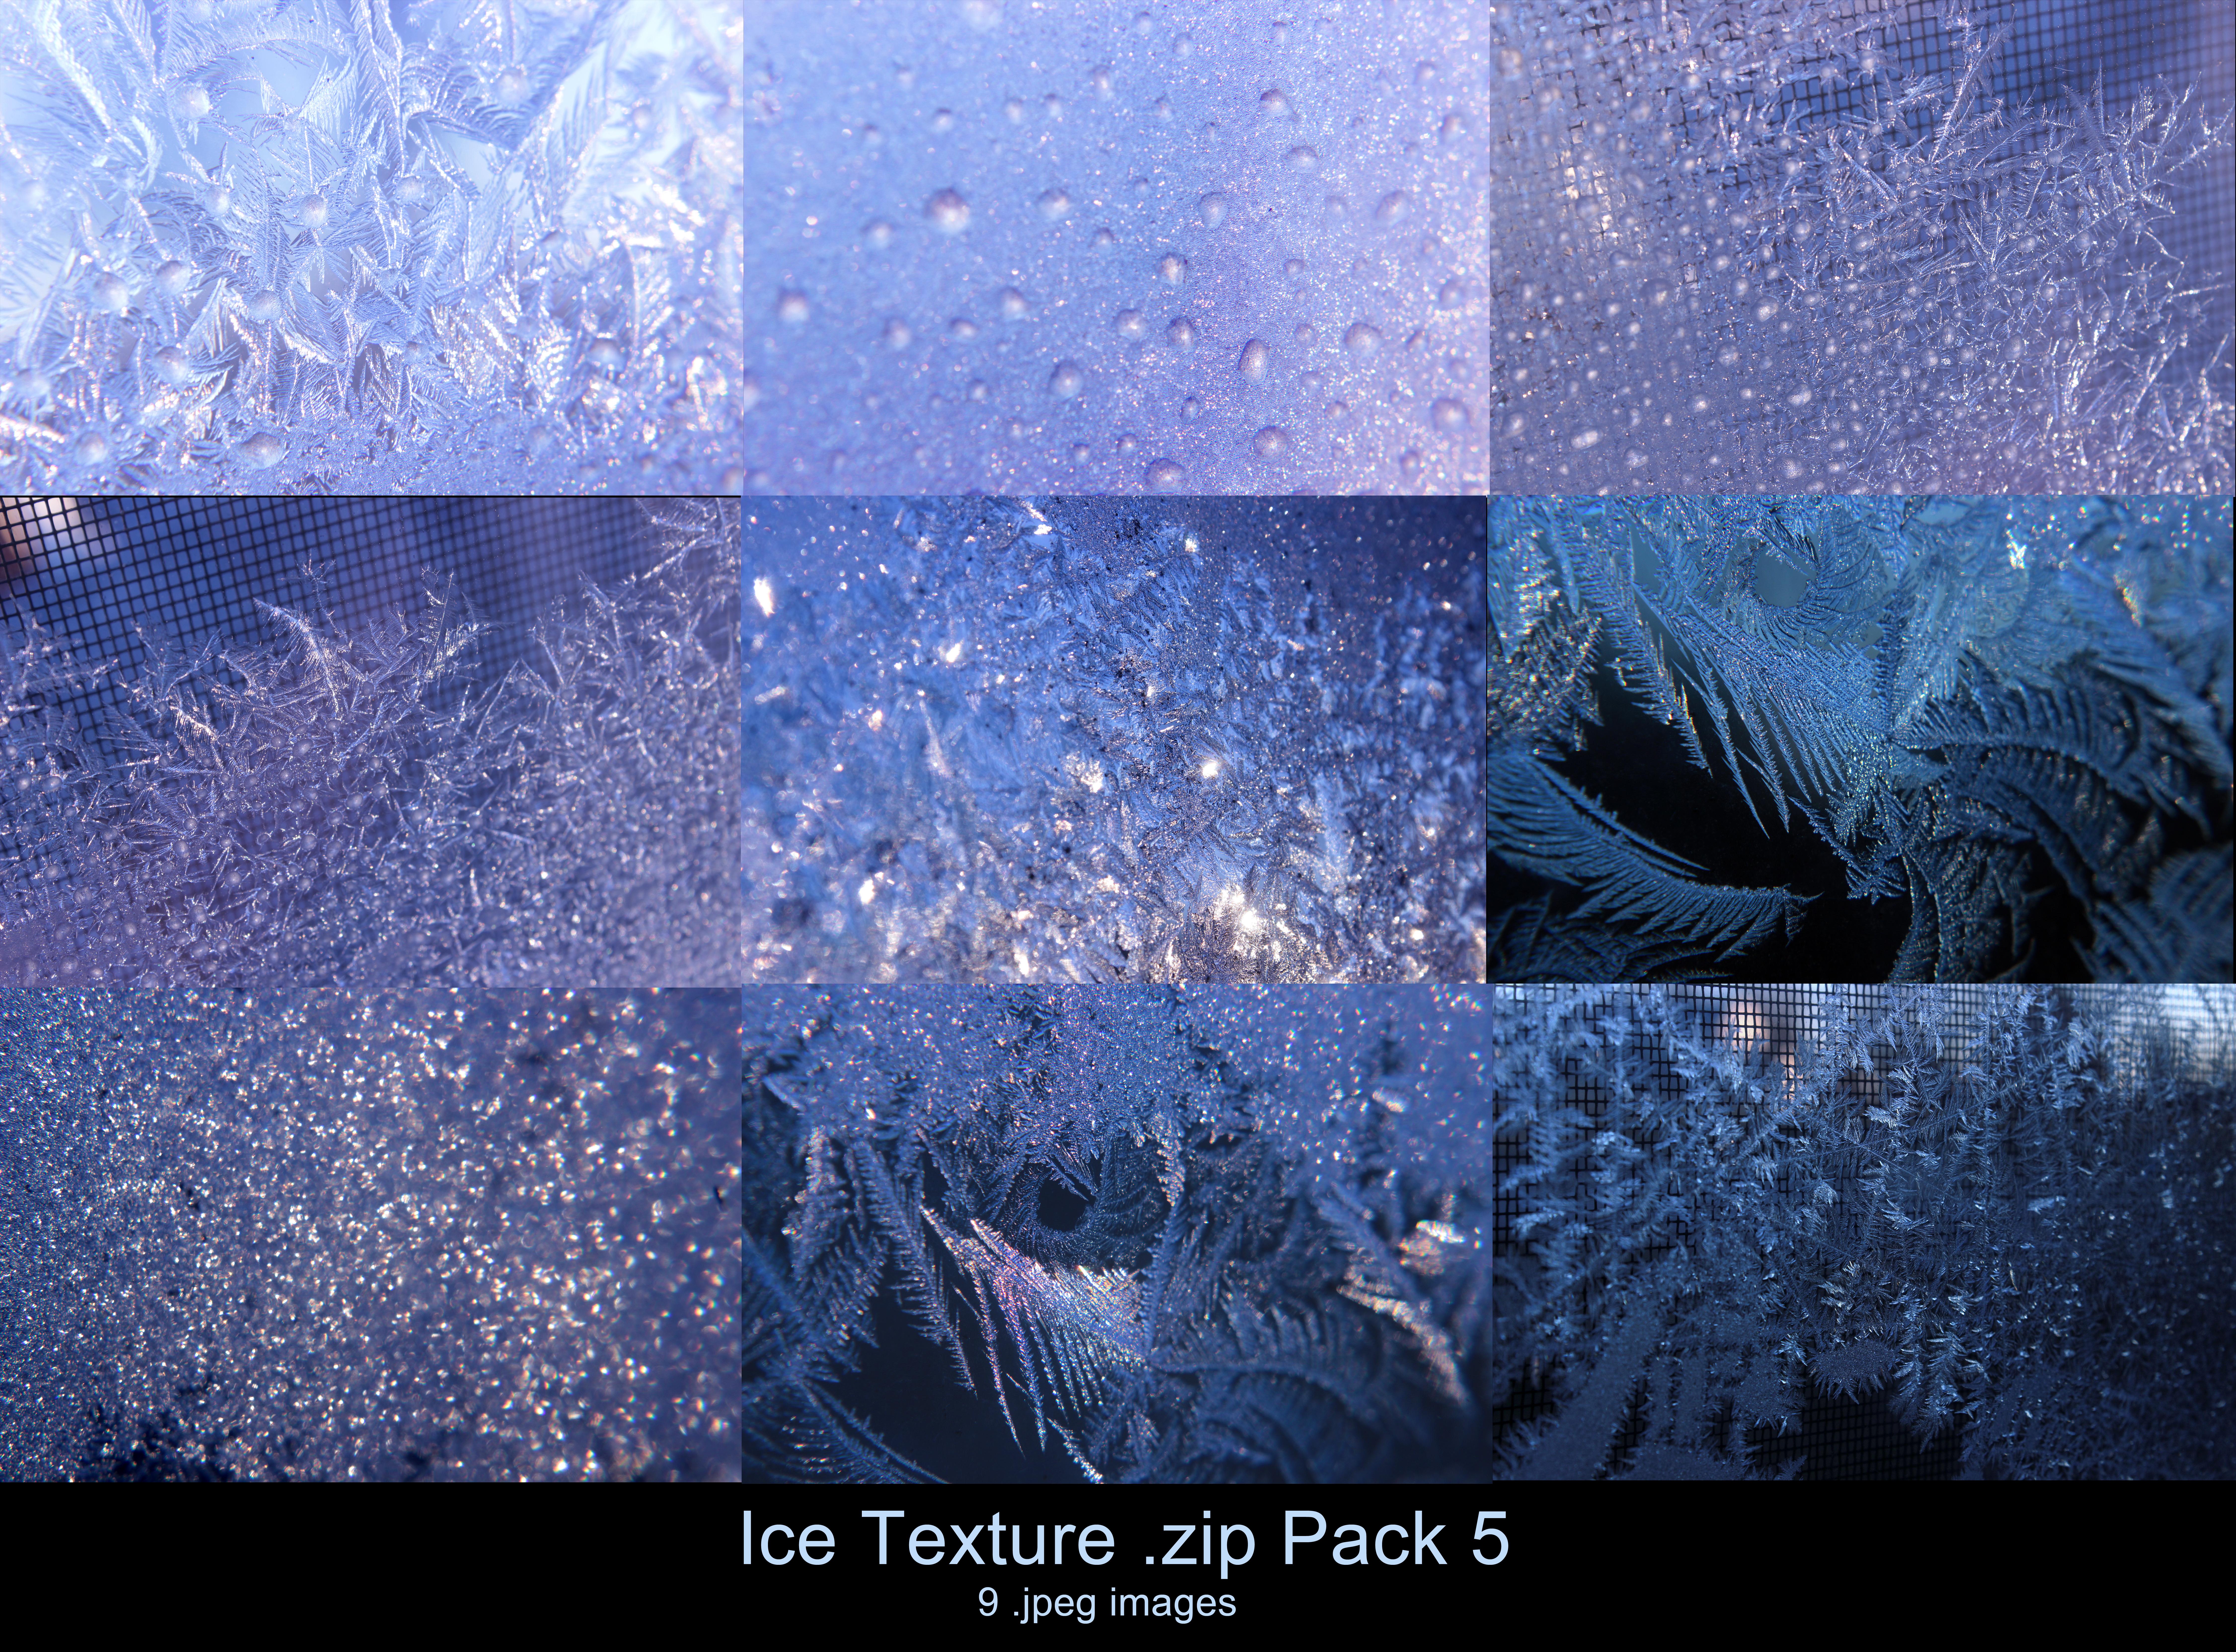 Ice Texture .zip Pack 5